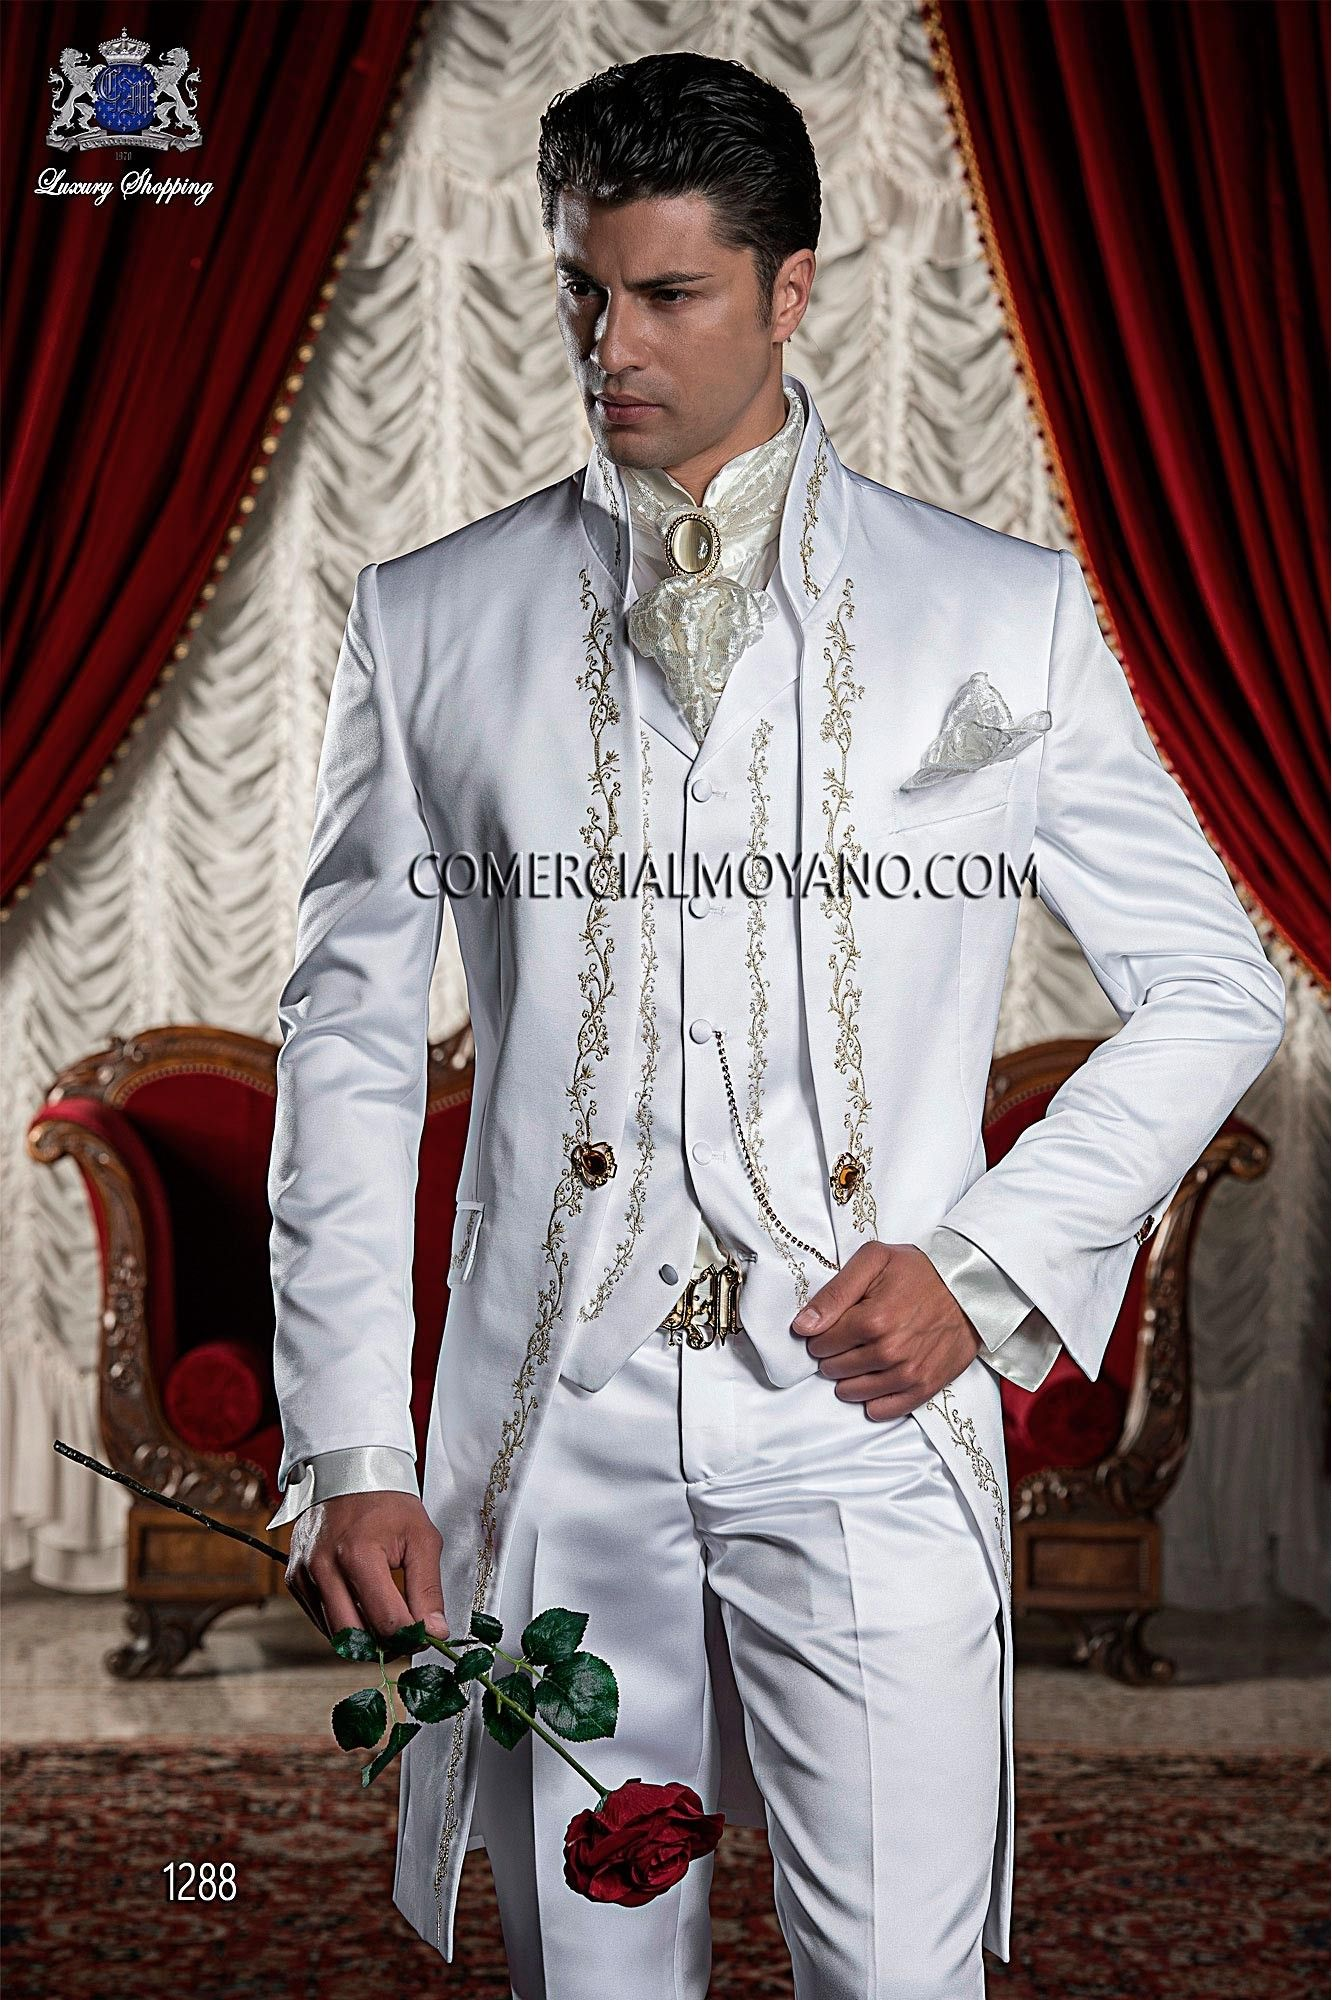 Italienisch maßgeschneiderte weißen Hochzeitsanzug Stil 1288 Ottavio ...